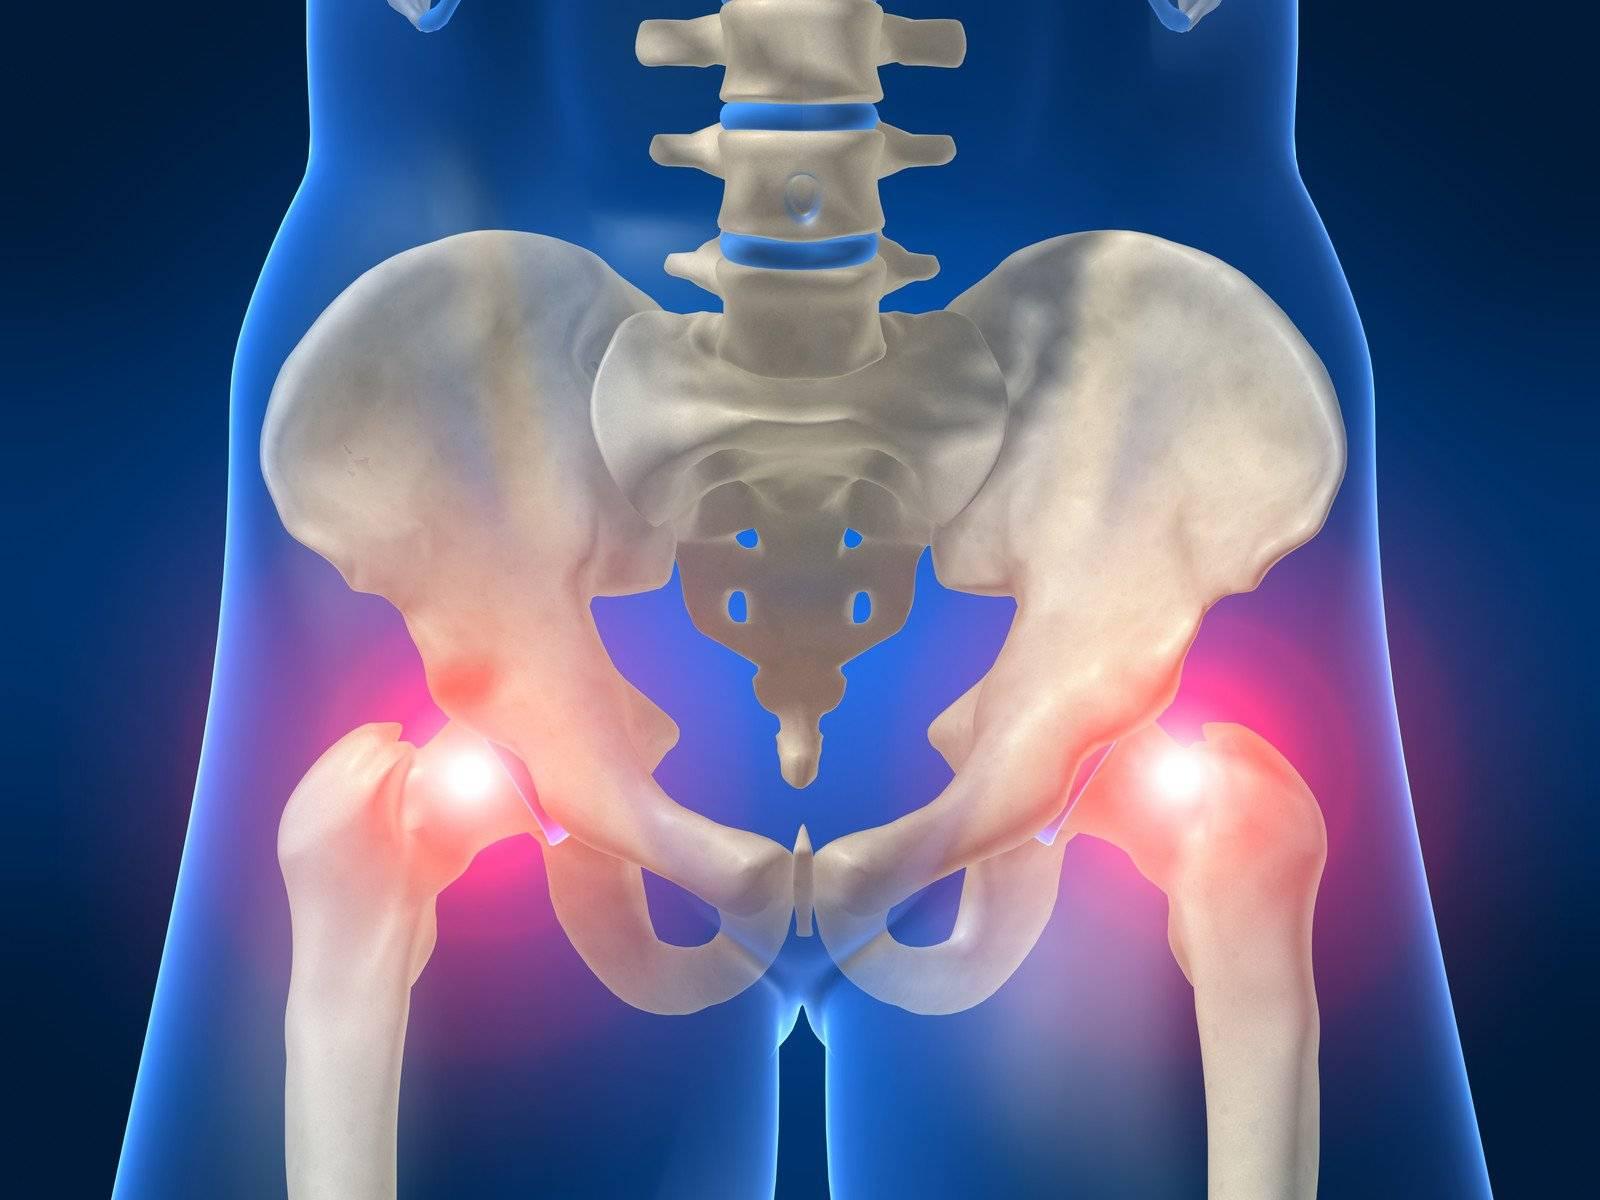 Инфекционно аллергический артрит тазобедренного сустава у детей - как передается, классификация, проявления, симптомы и лечение